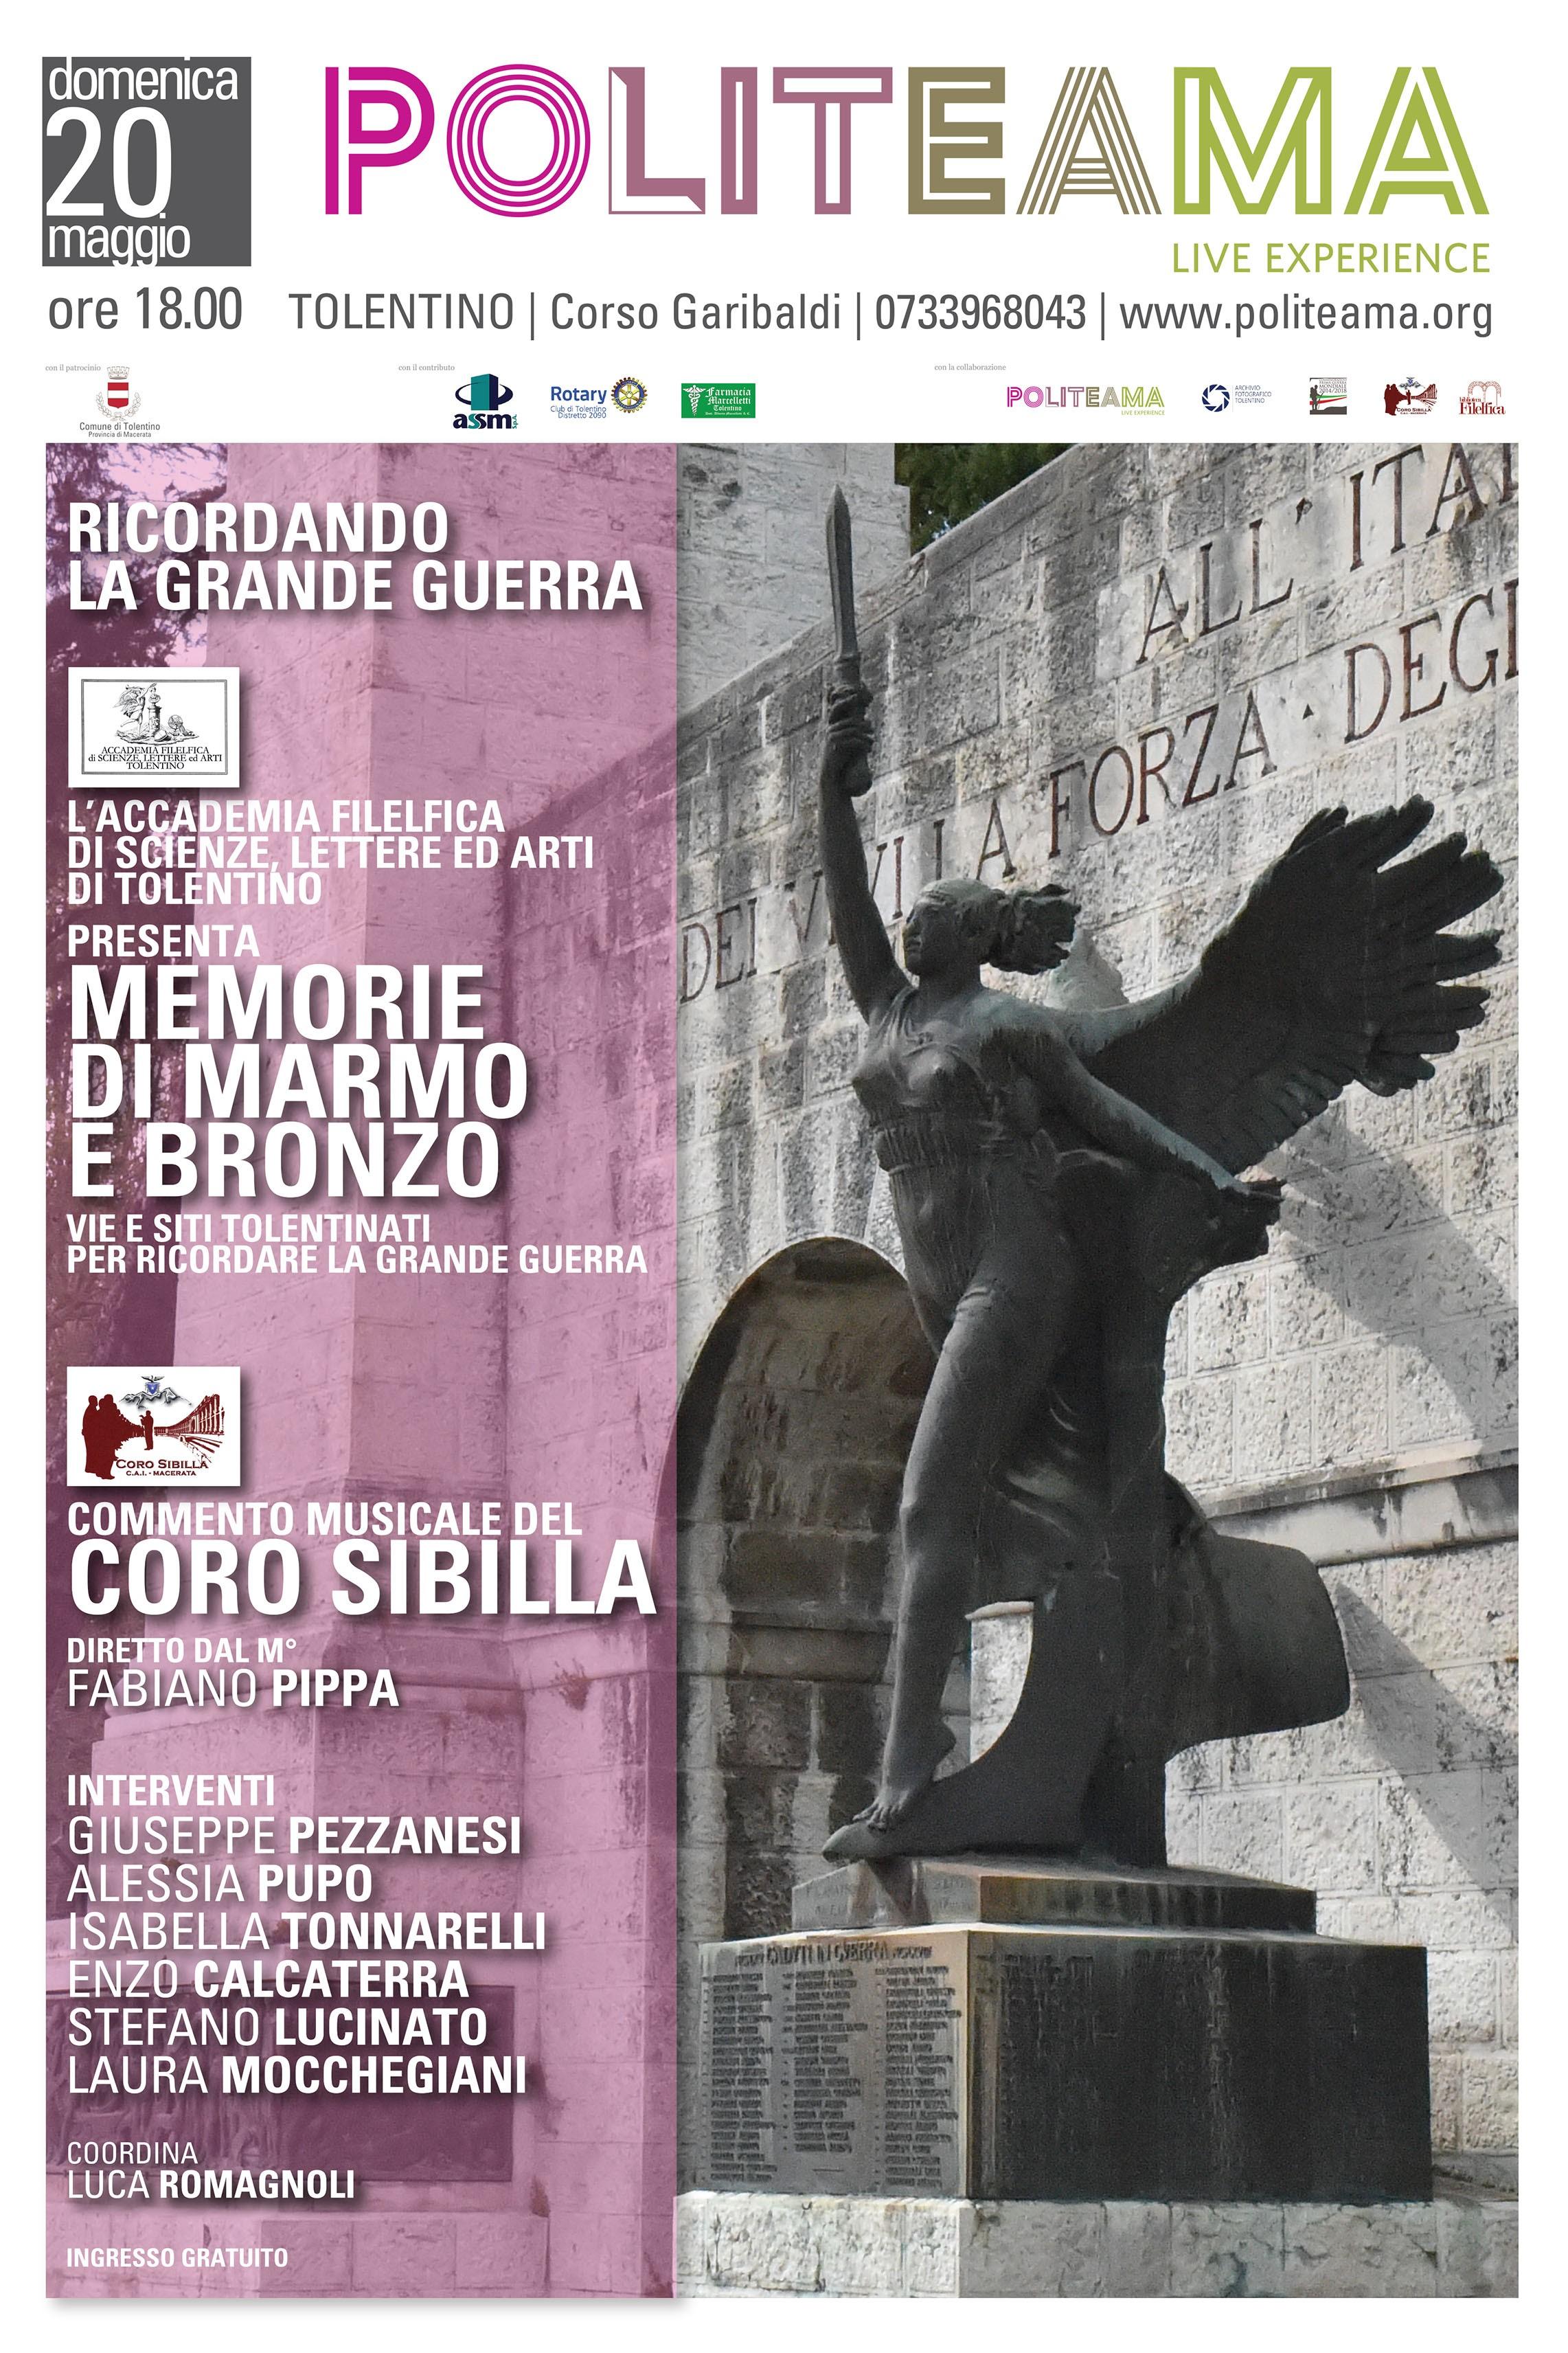 """Locandina - Presentazione del libro """"Memorie di marmo e bronzo"""" a cura dell'Accademia Filelfica di Tolentino"""